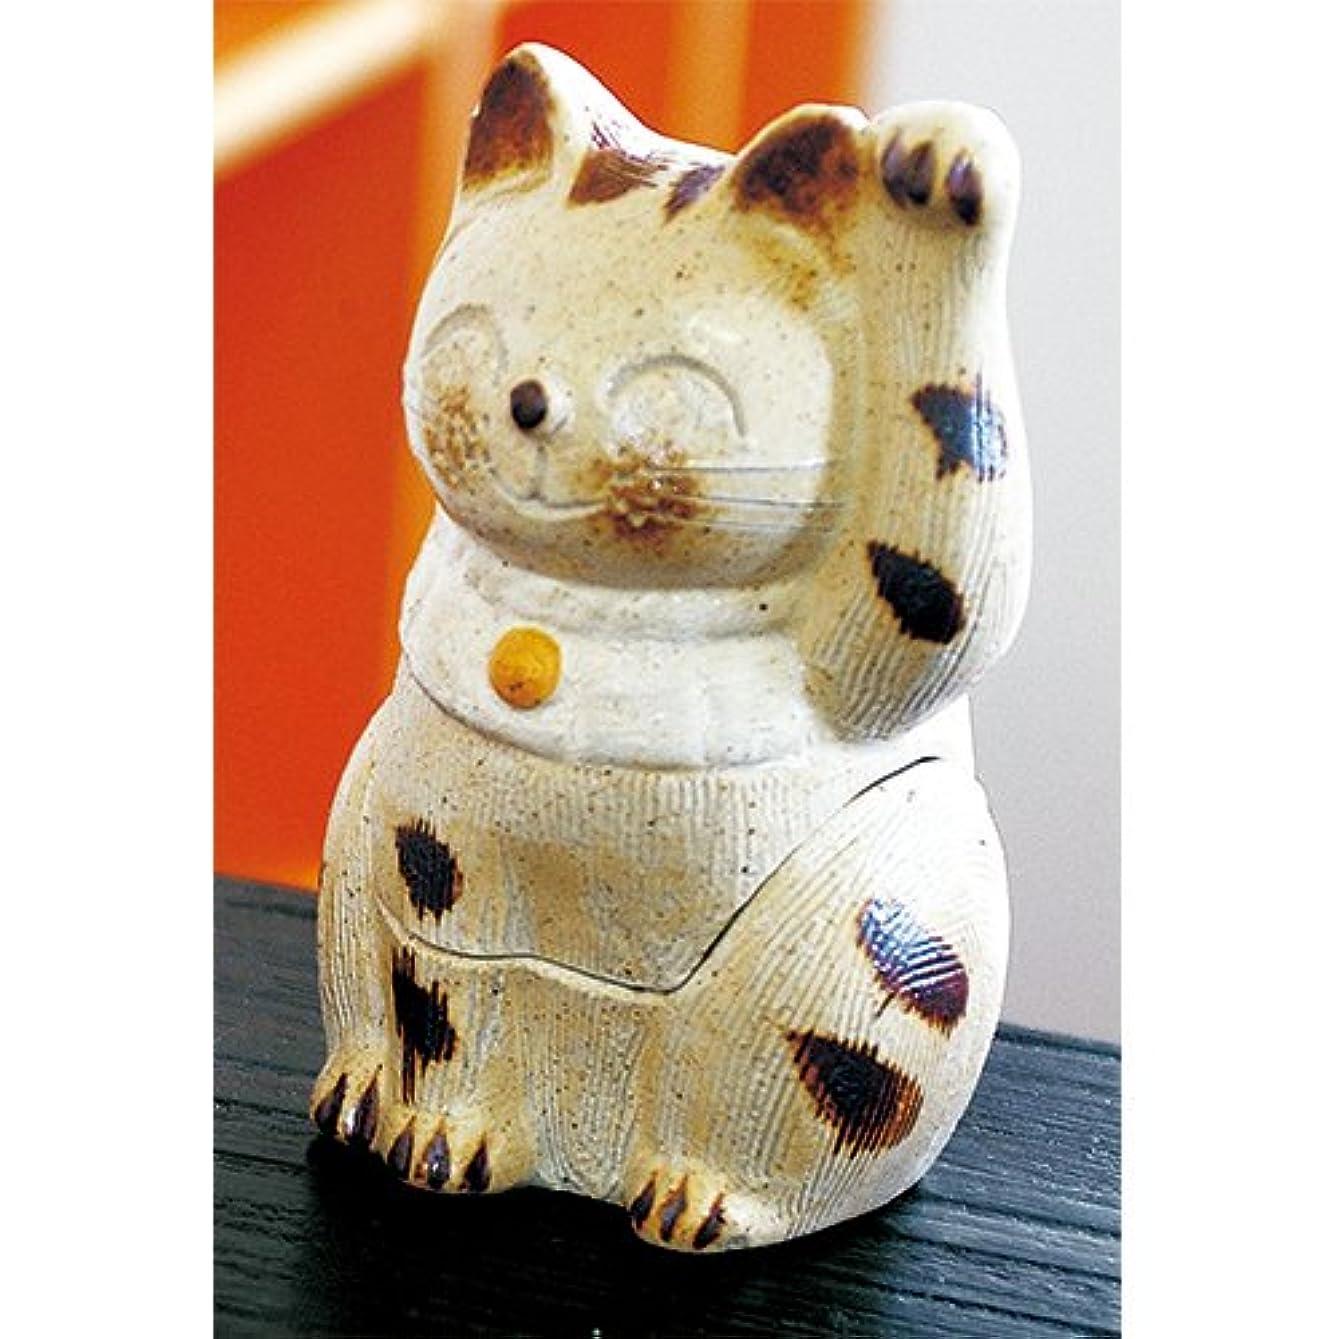 乗って後継ビジュアル香炉 ひとまねき猫 香炉(小) [H9.5cm] HANDMADE プレゼント ギフト 和食器 かわいい インテリア